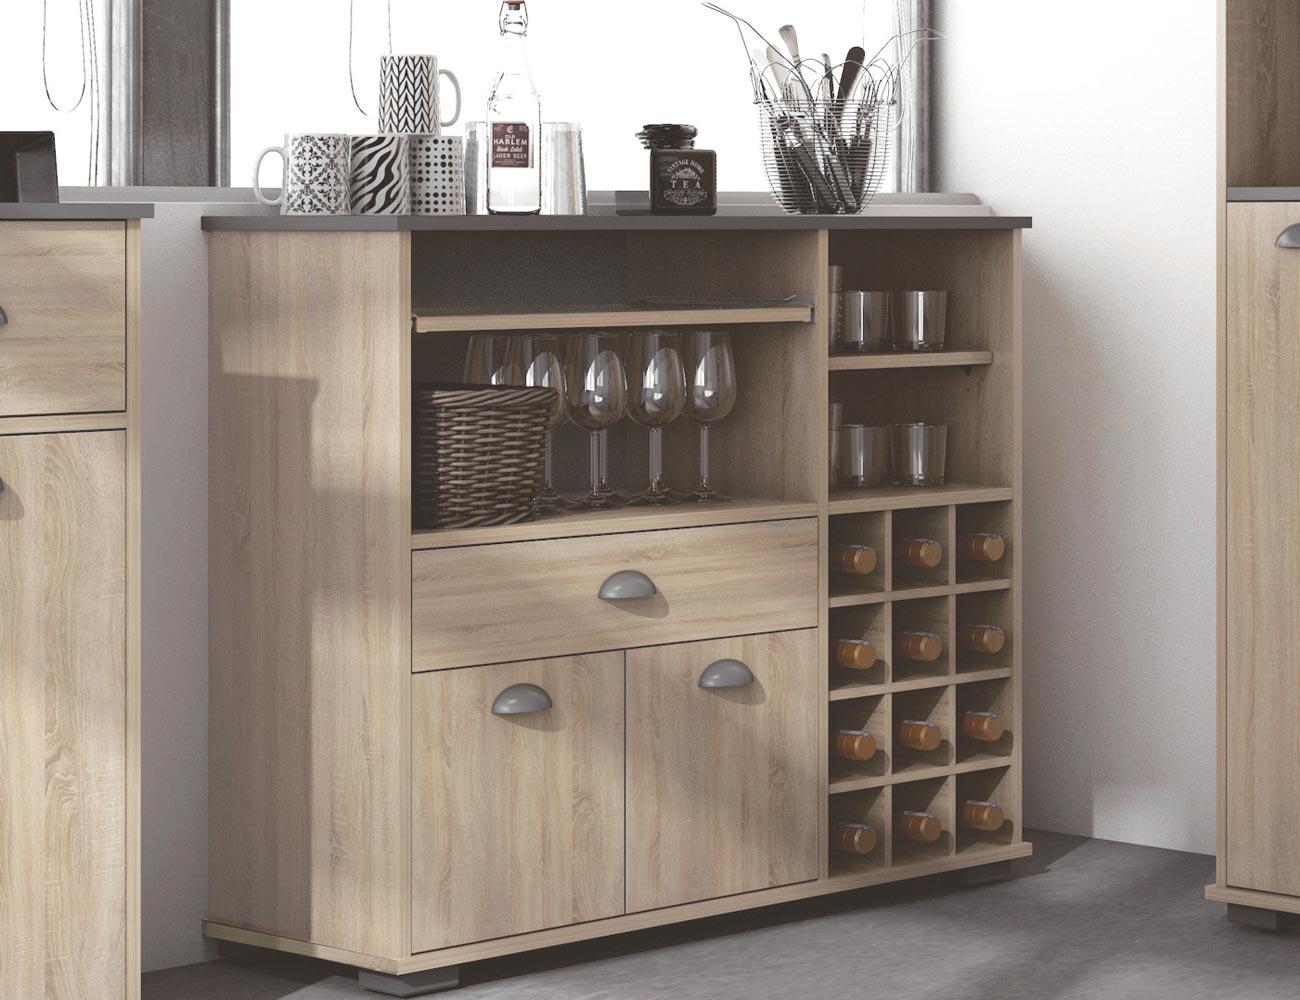 Hermoso Mueble Botellero Cocina Fotos Muebles Faciles Productos  # Muebles Botelleros